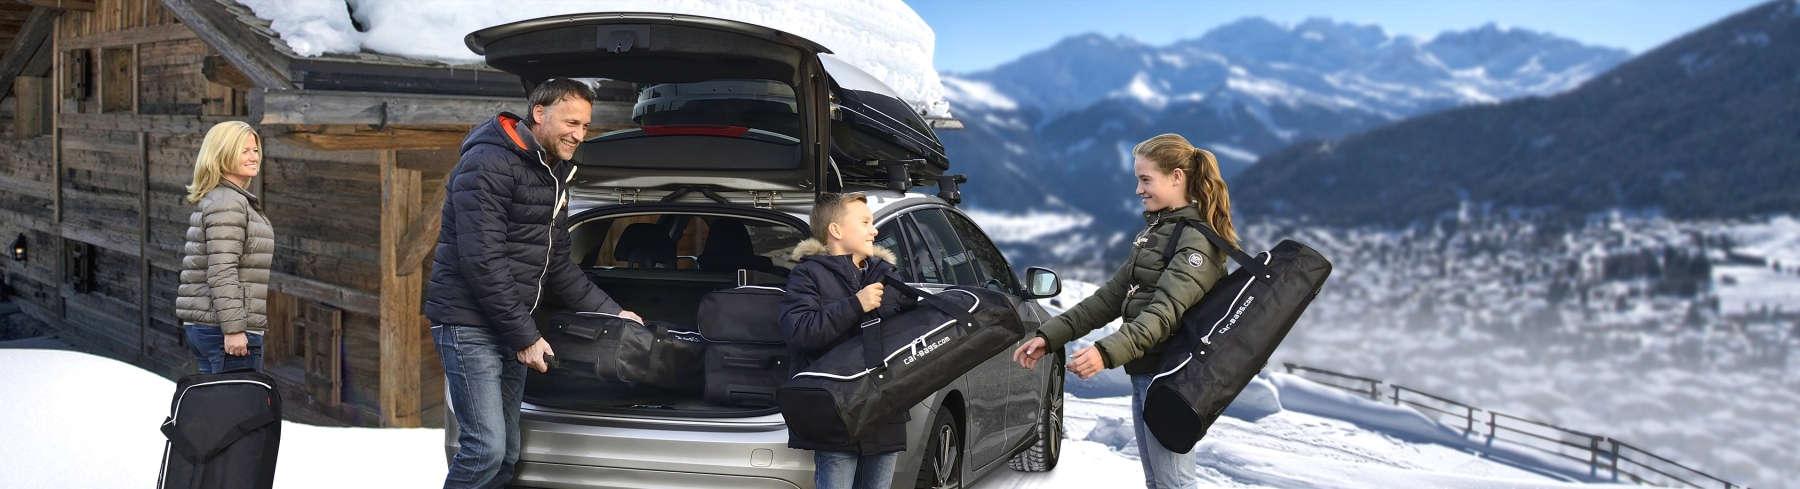 car-bags-voyage-sans-soucis